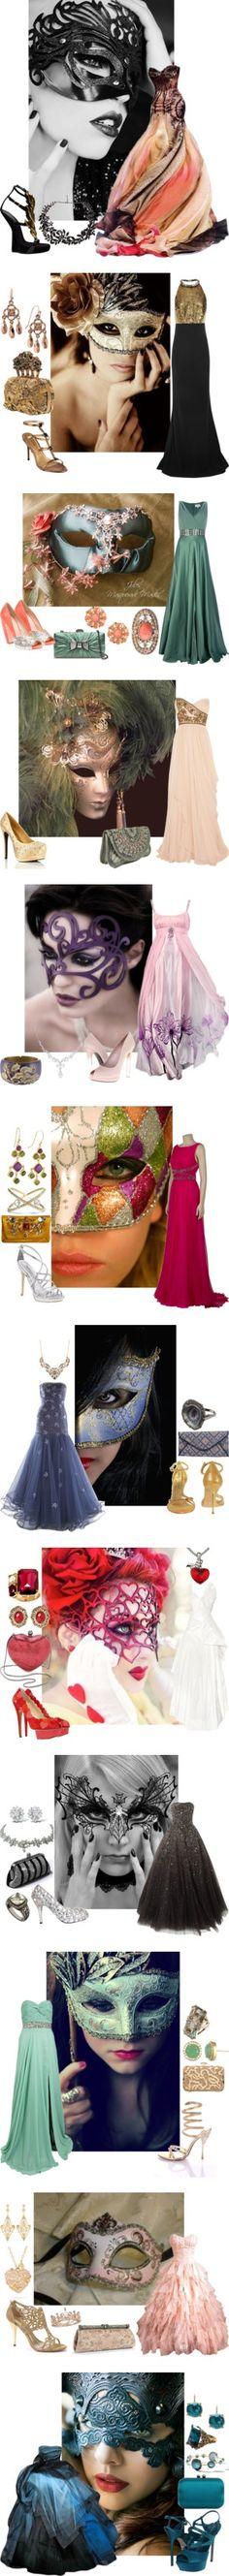 Perfect ideas for a Masquerade Ball!